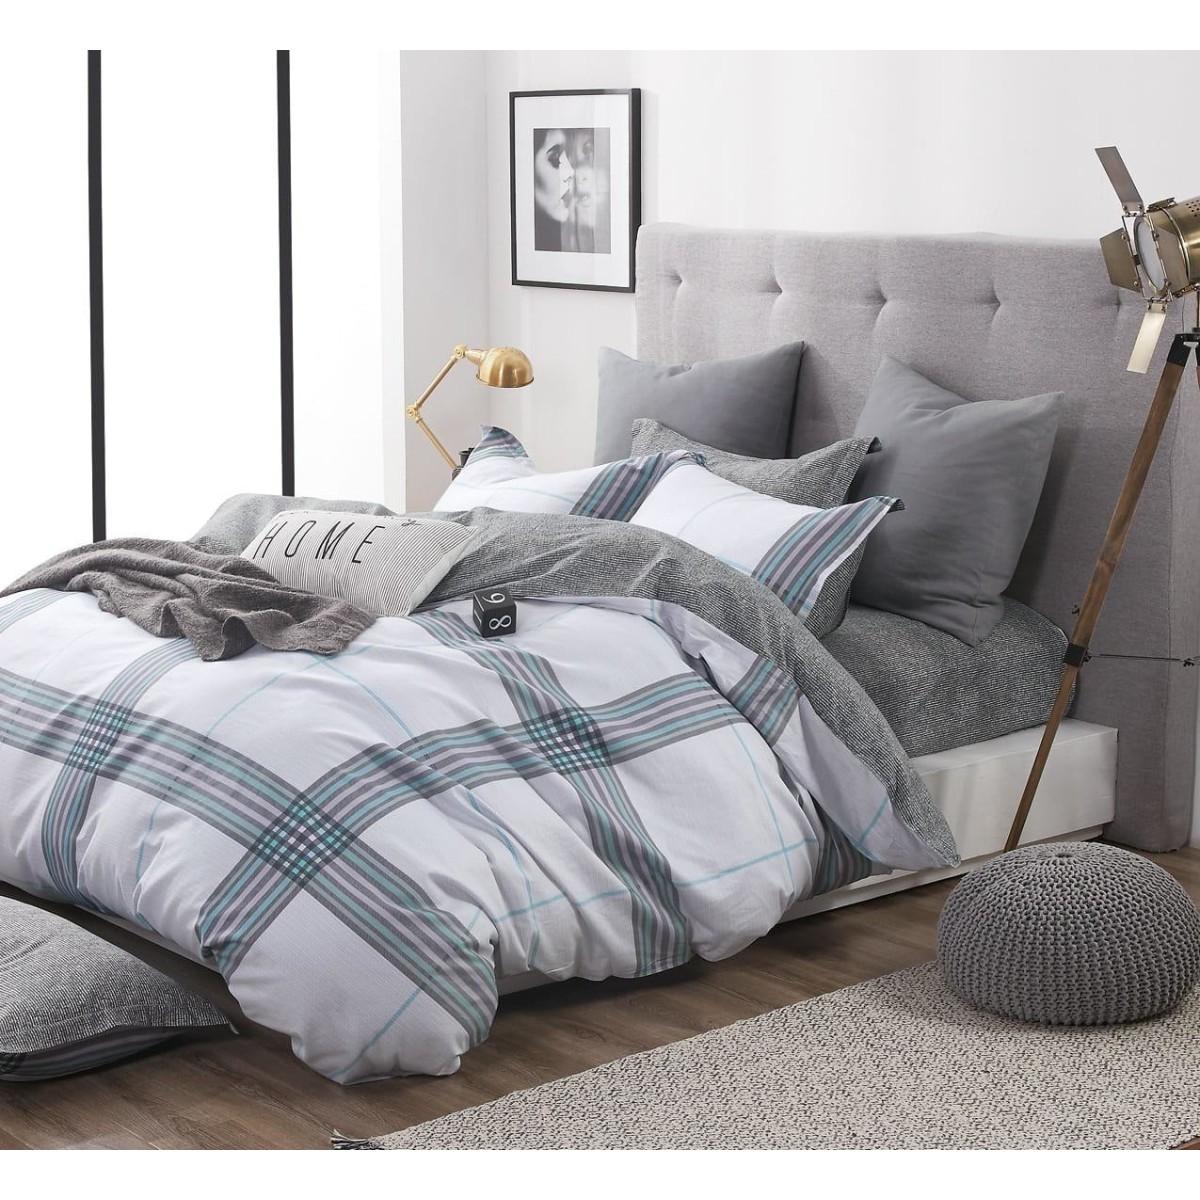 Комплект постельного белья 2-спальный Jardin 3820/160/855